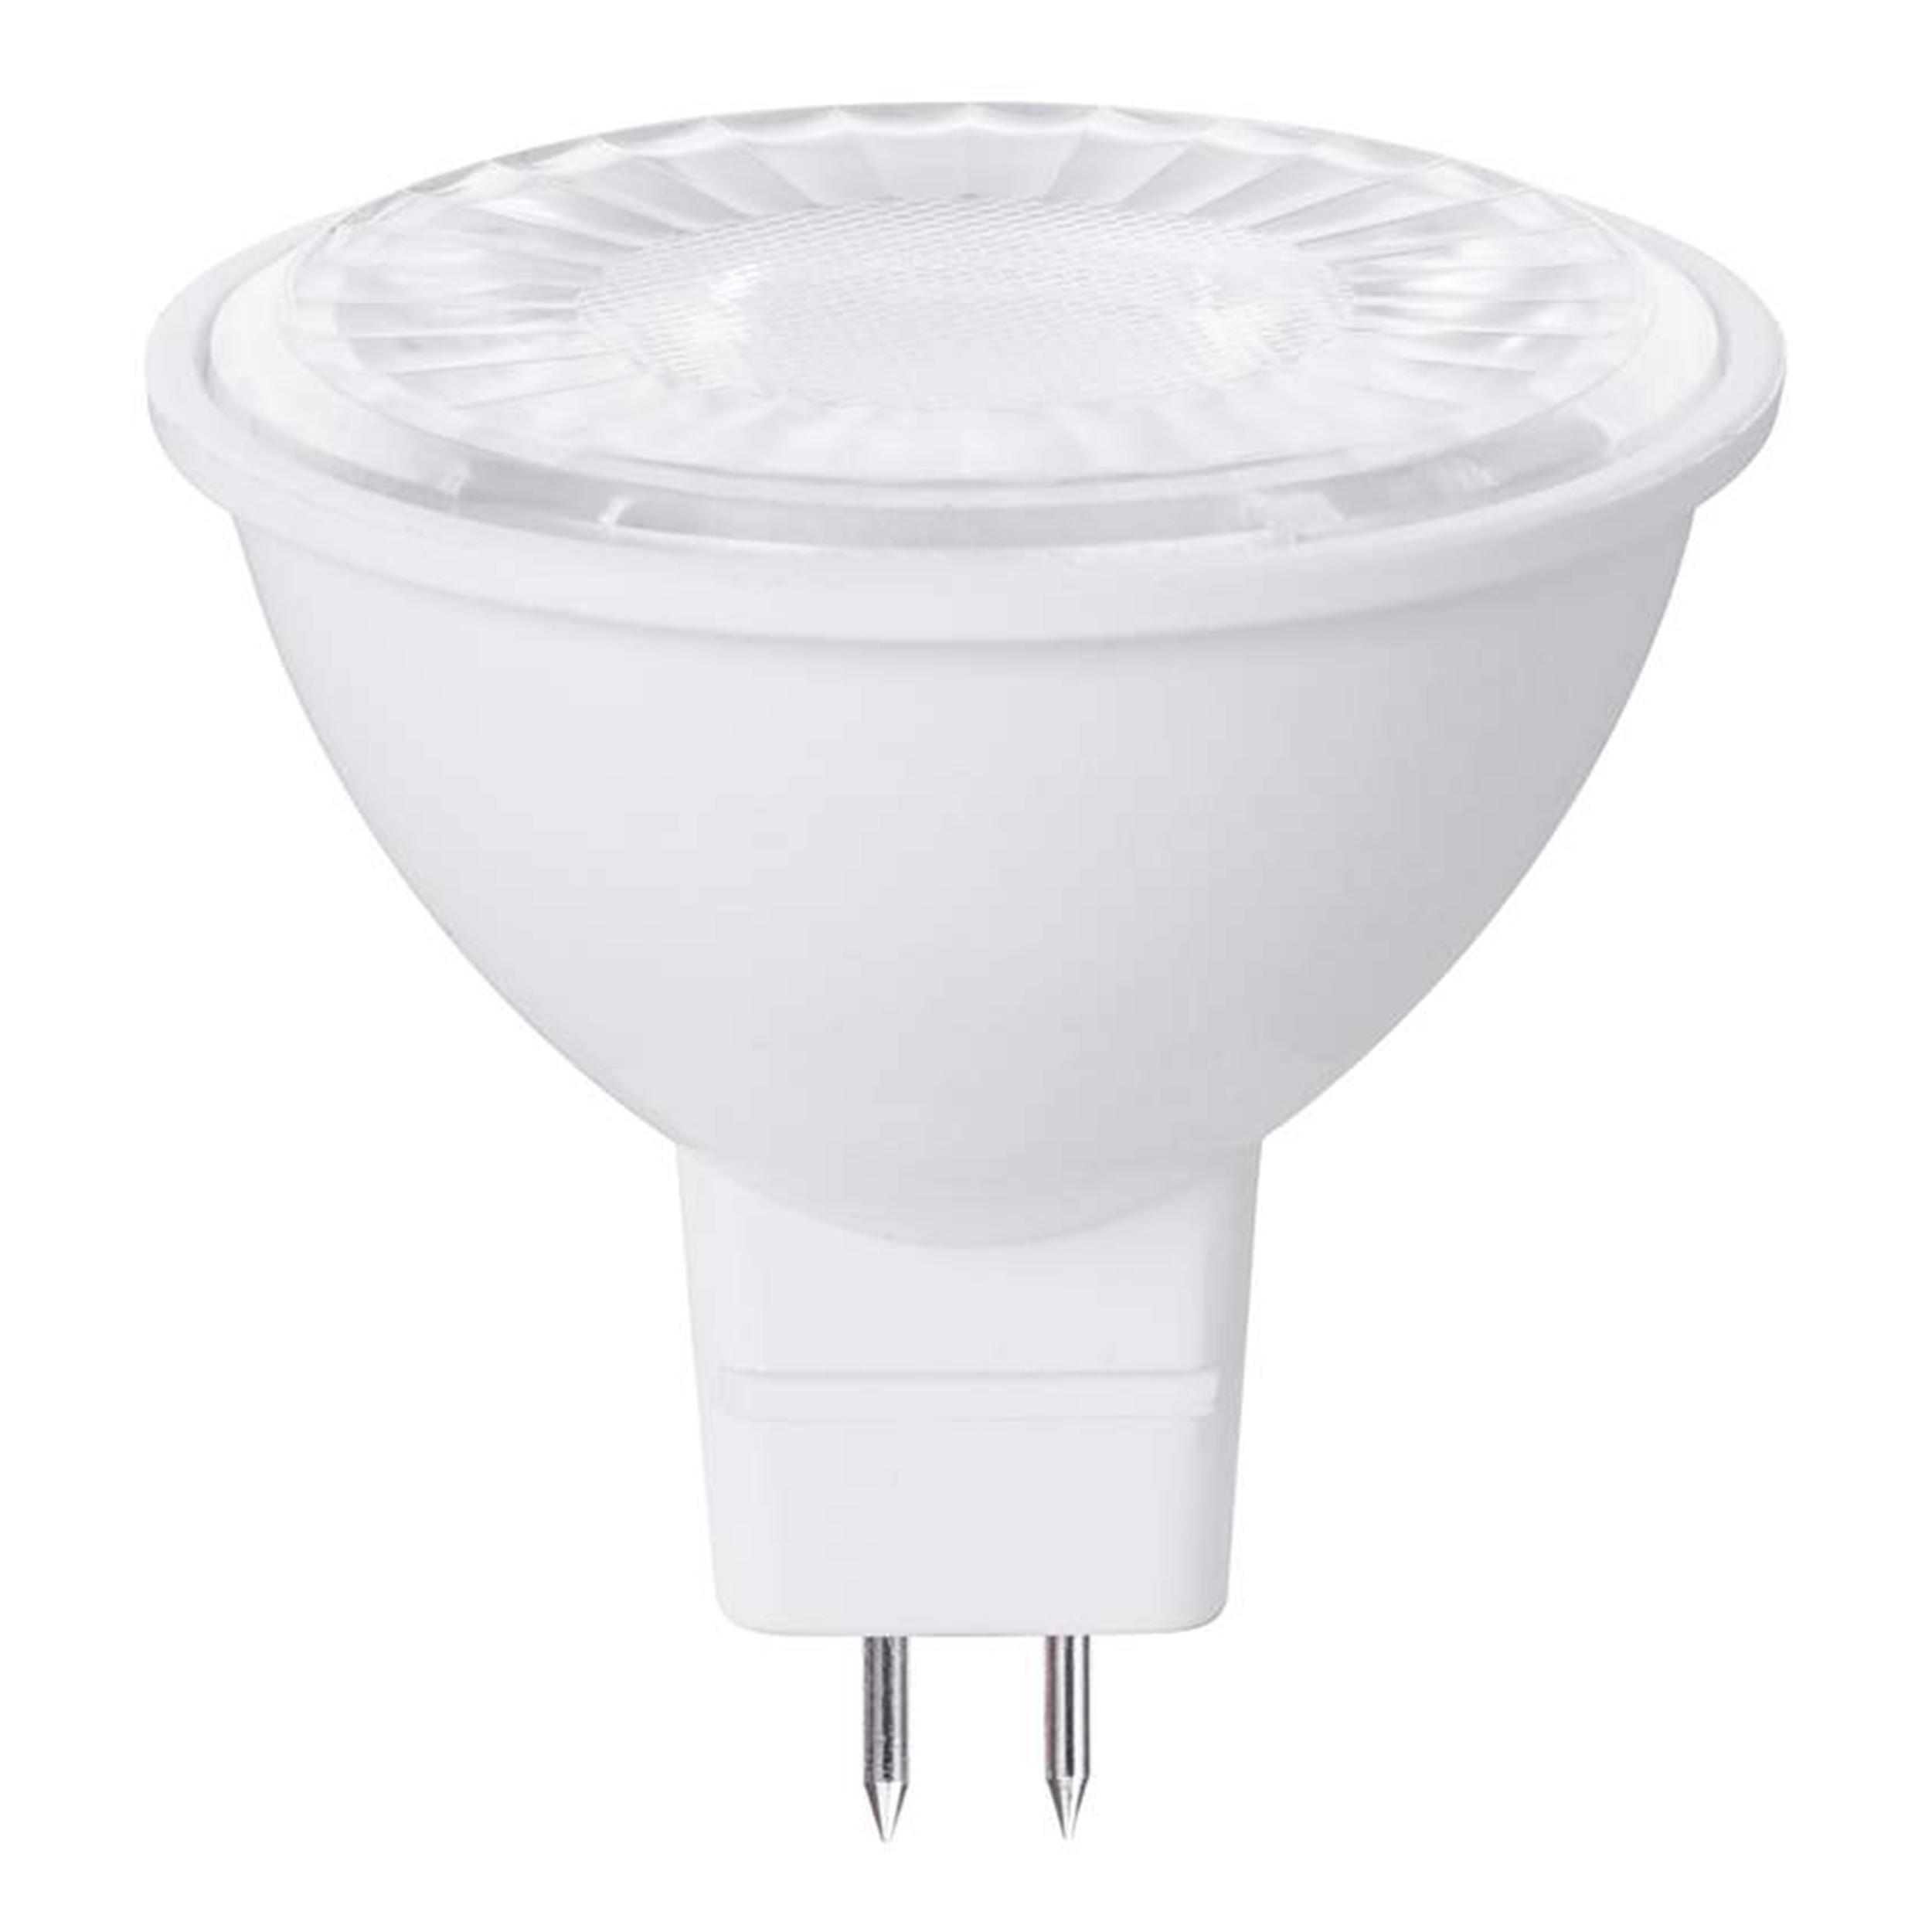 لامپ هالوژن 7 وات مدل FRQ پایه GU5.3